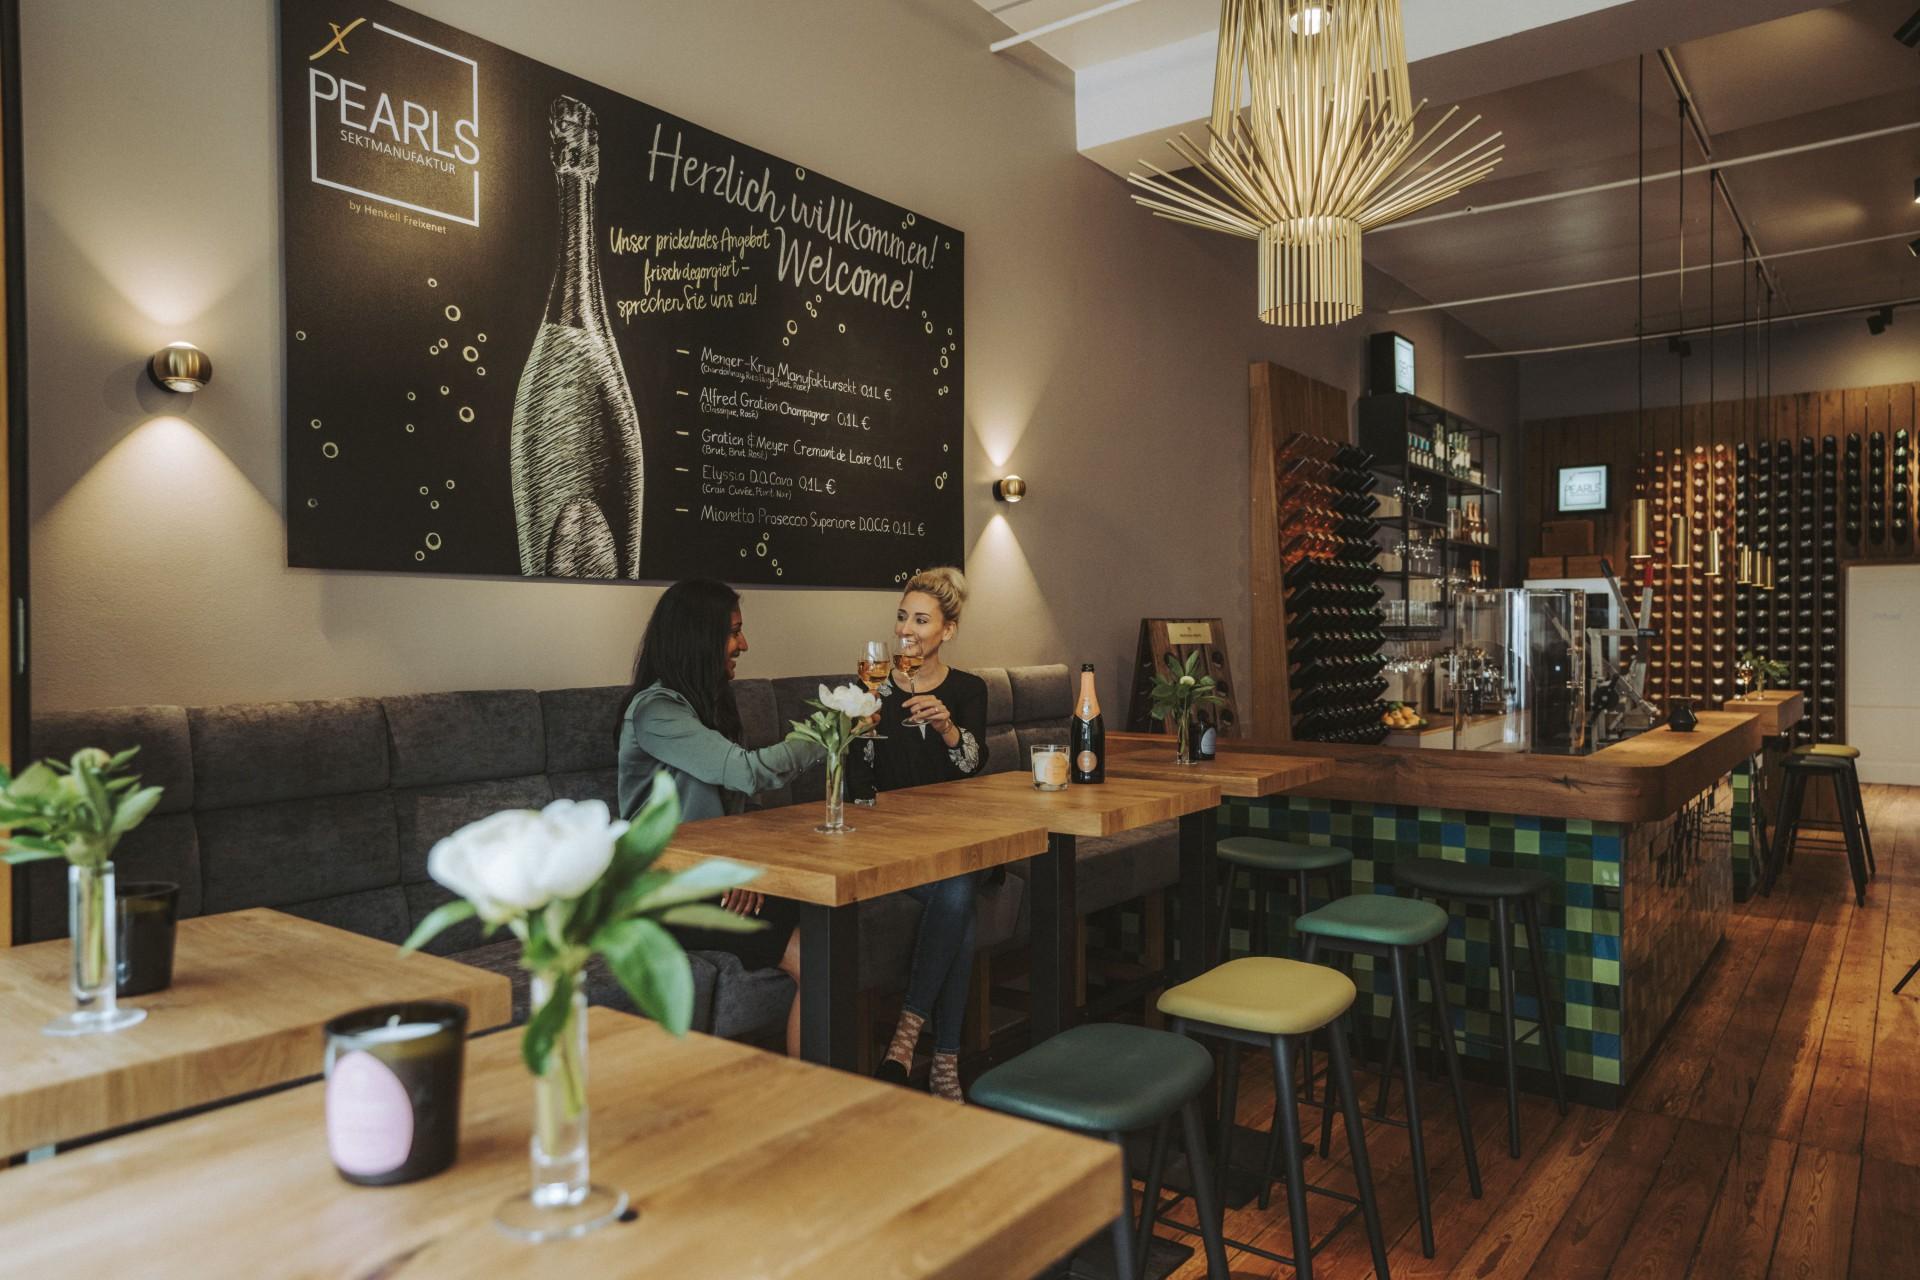 Zwei Frauen sitzen in der Weinbar und stoßen mit einem Glas Wein an